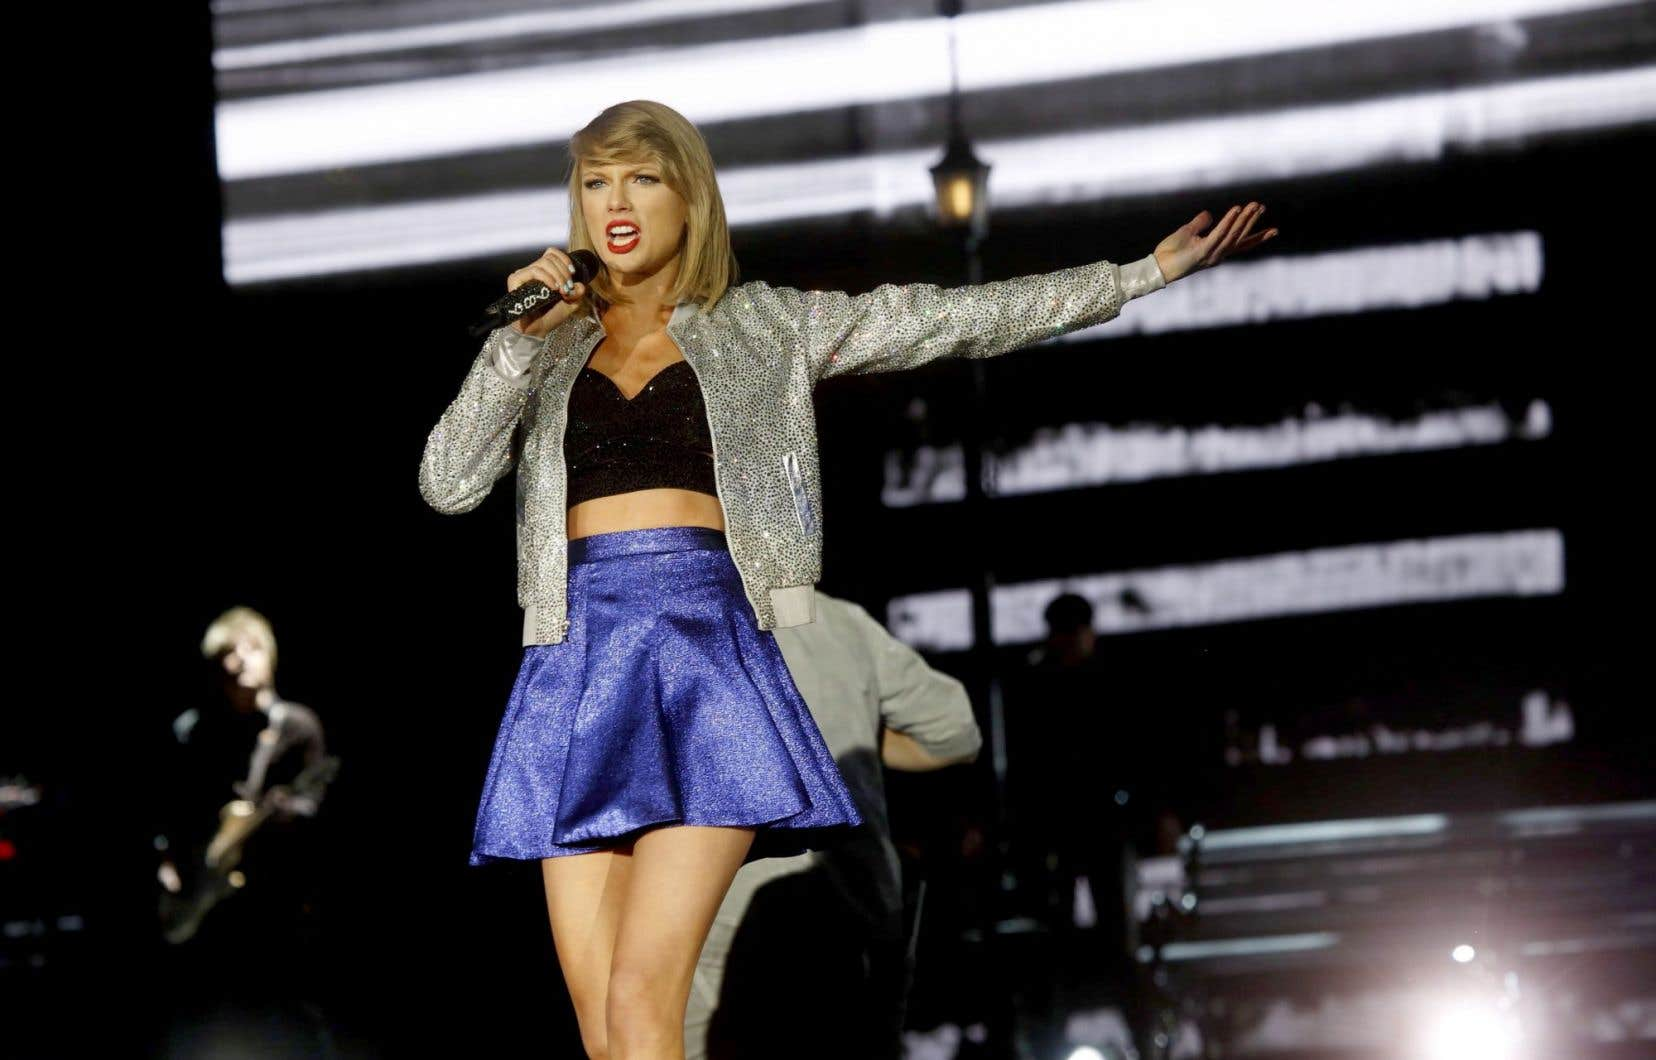 La chanteuse Taylor Swift lors d'un récent concert à Las Vegas en mai.